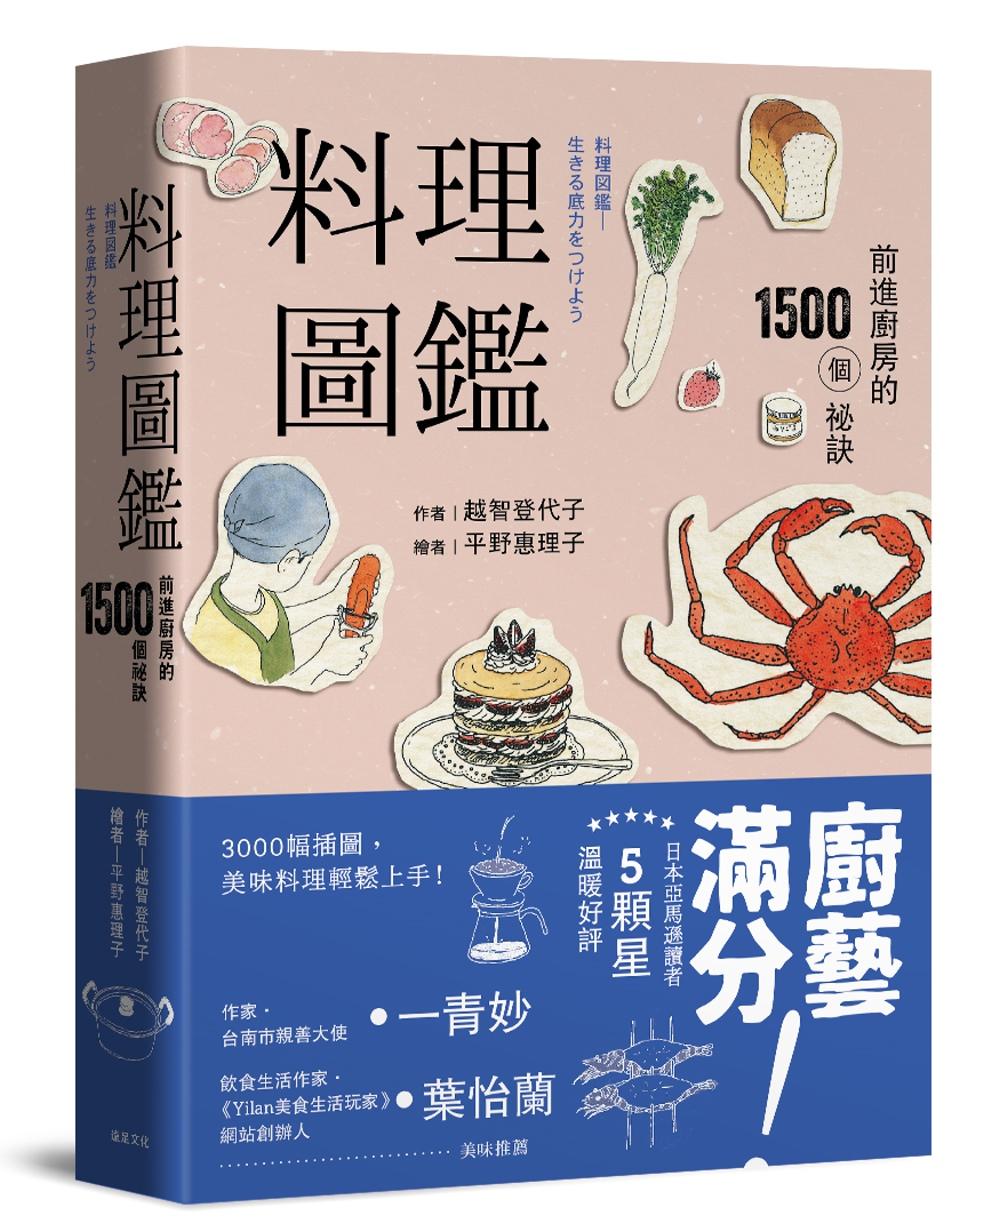 ◤博客來BOOKS◢ 暢銷書榜《推薦》料理圖鑑    前進廚房的1500個祕訣(二版)